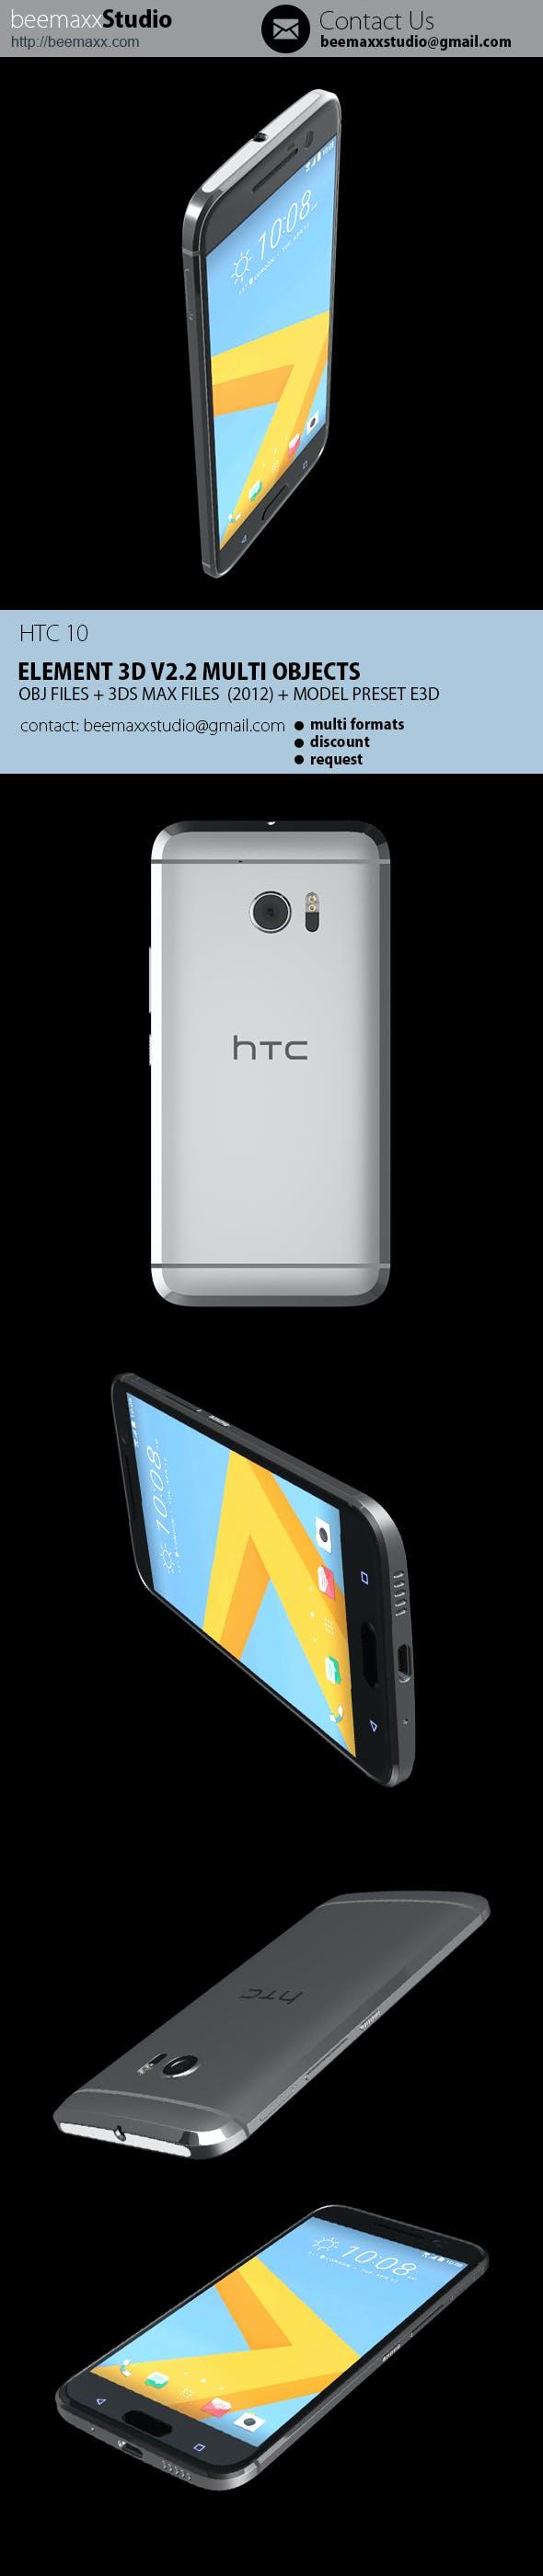 E3D - HTC 10 - 3DOcean Item for Sale